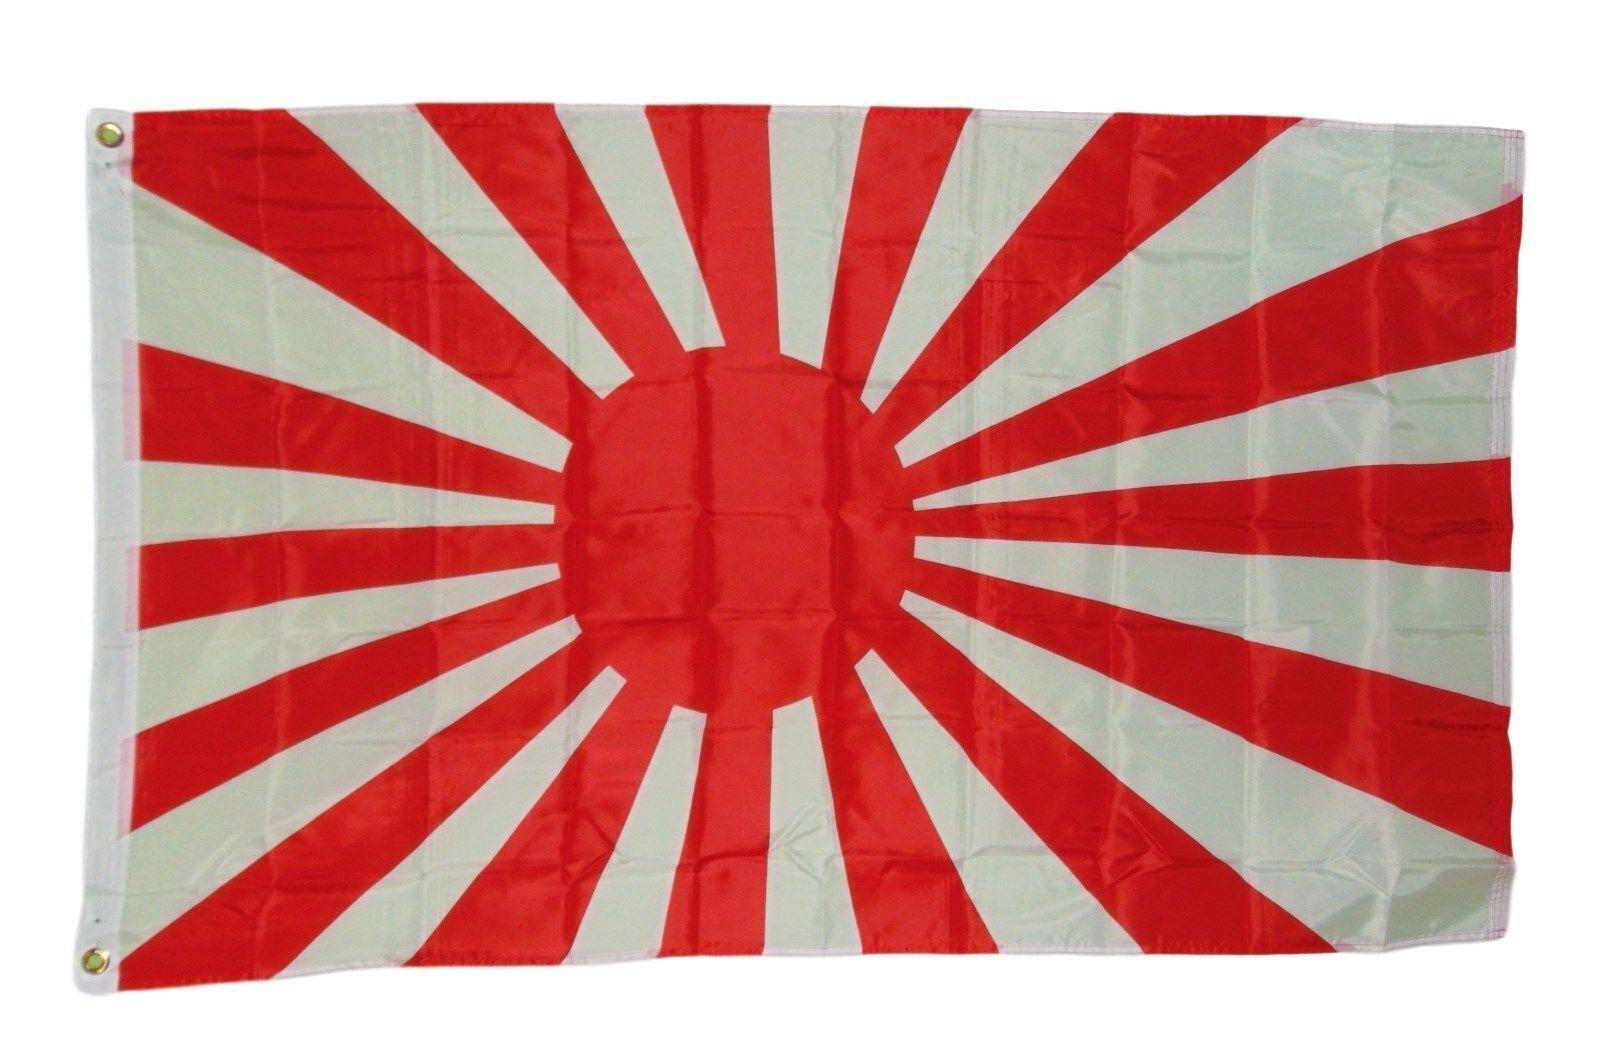 3X5 Rising Sun Japan Flag 3' x 5' Japanese Rising Sun Flag B